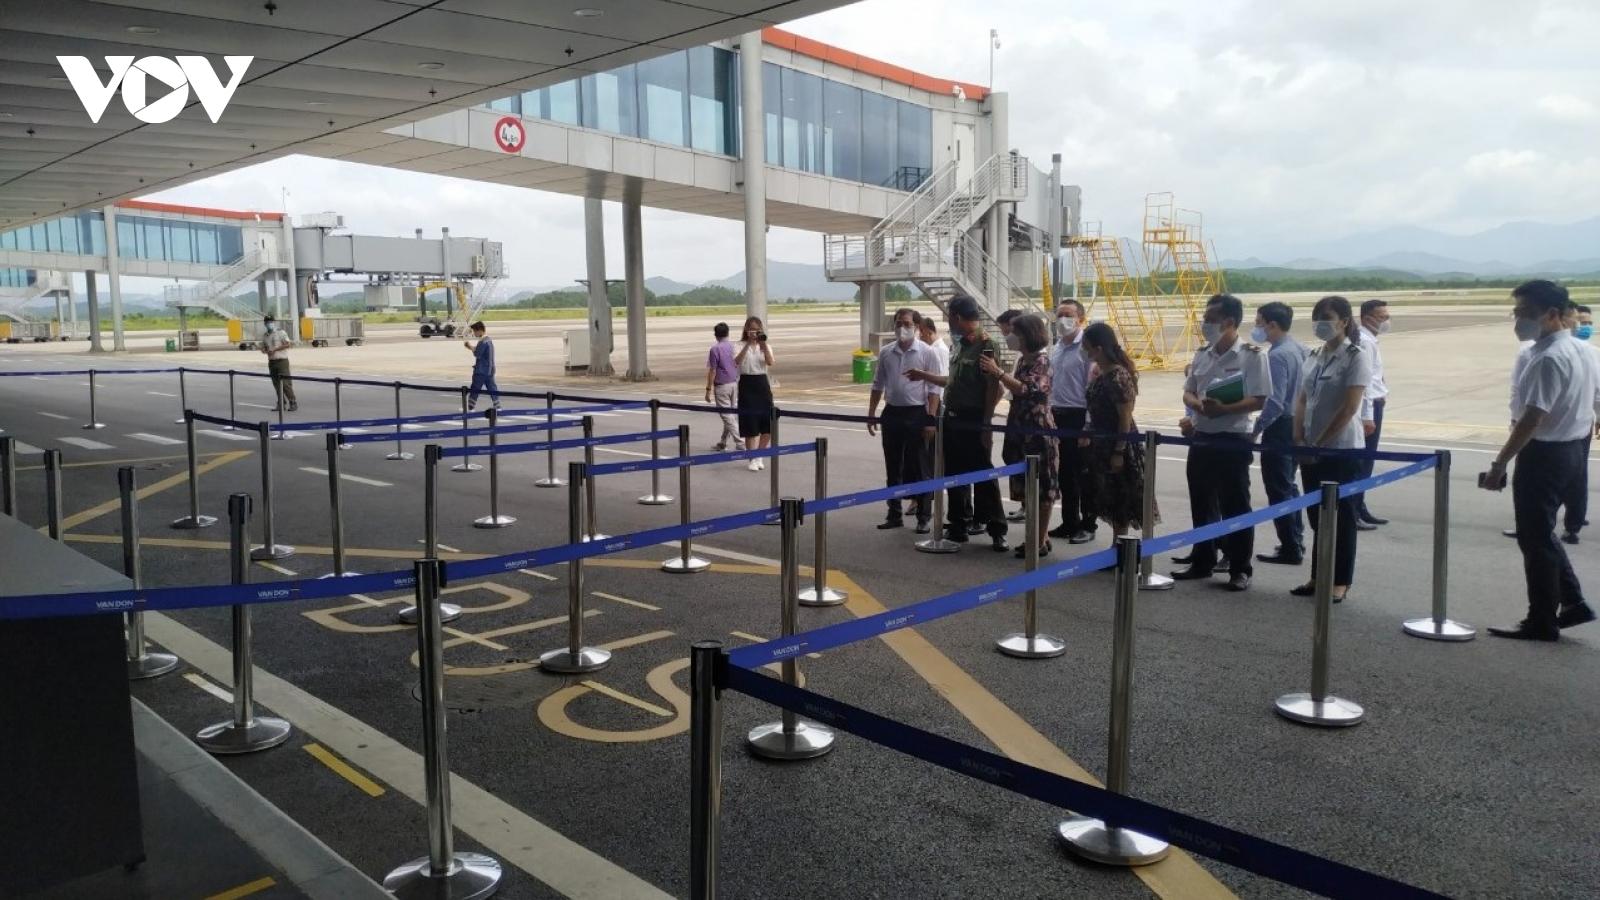 Bộ Y tế kiểm tra quy trình đón người nhập cảnh qua sân bay Vân Đồn, Quảng Ninh